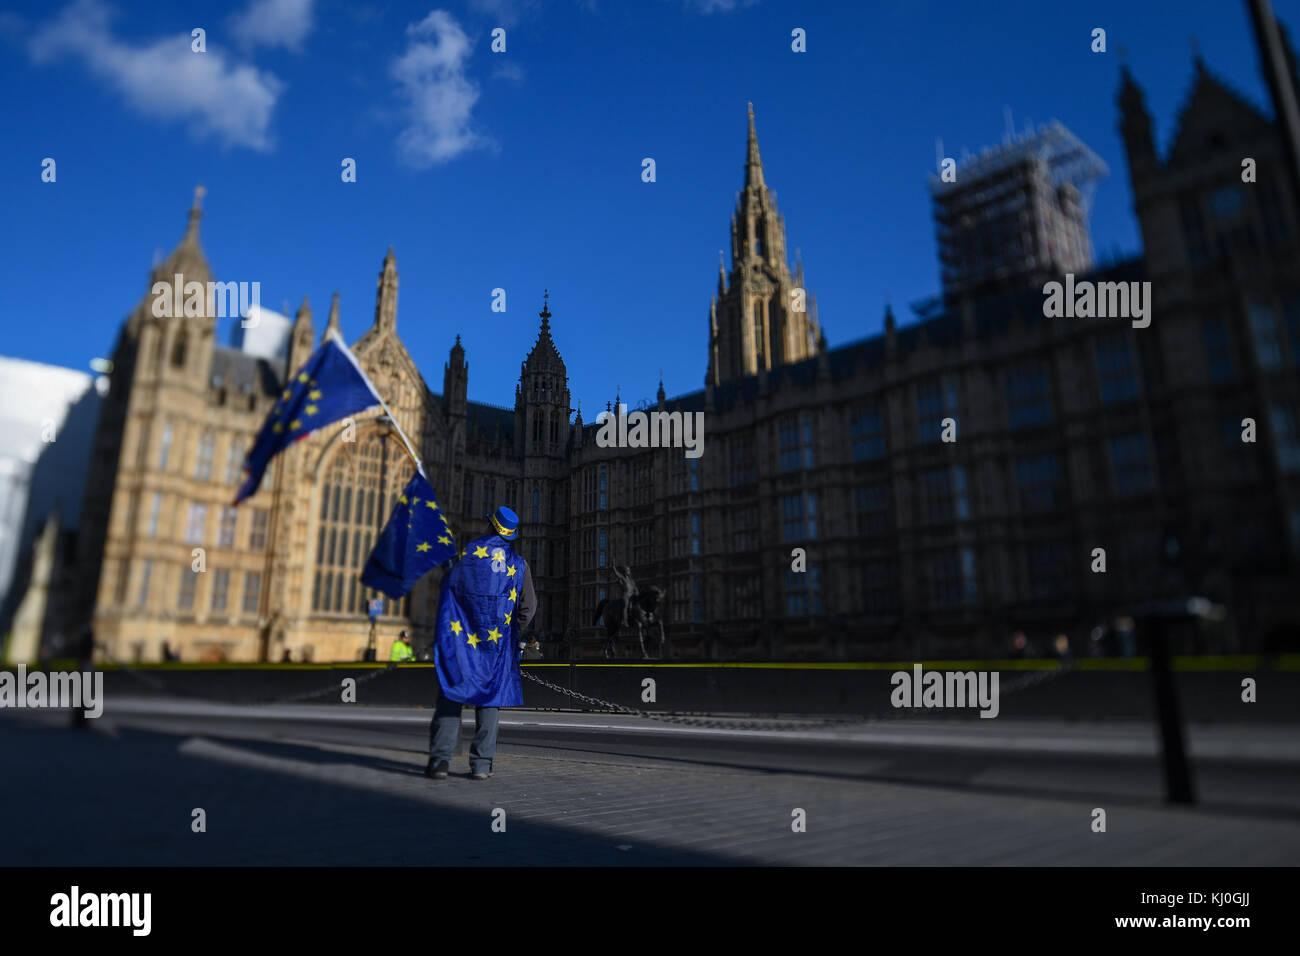 Ein einsamer Demonstrant Brexit setzt seine ein Mann gegen die Brexit Abstimmung Ergebnis außerhalb der Häuser Stockbild